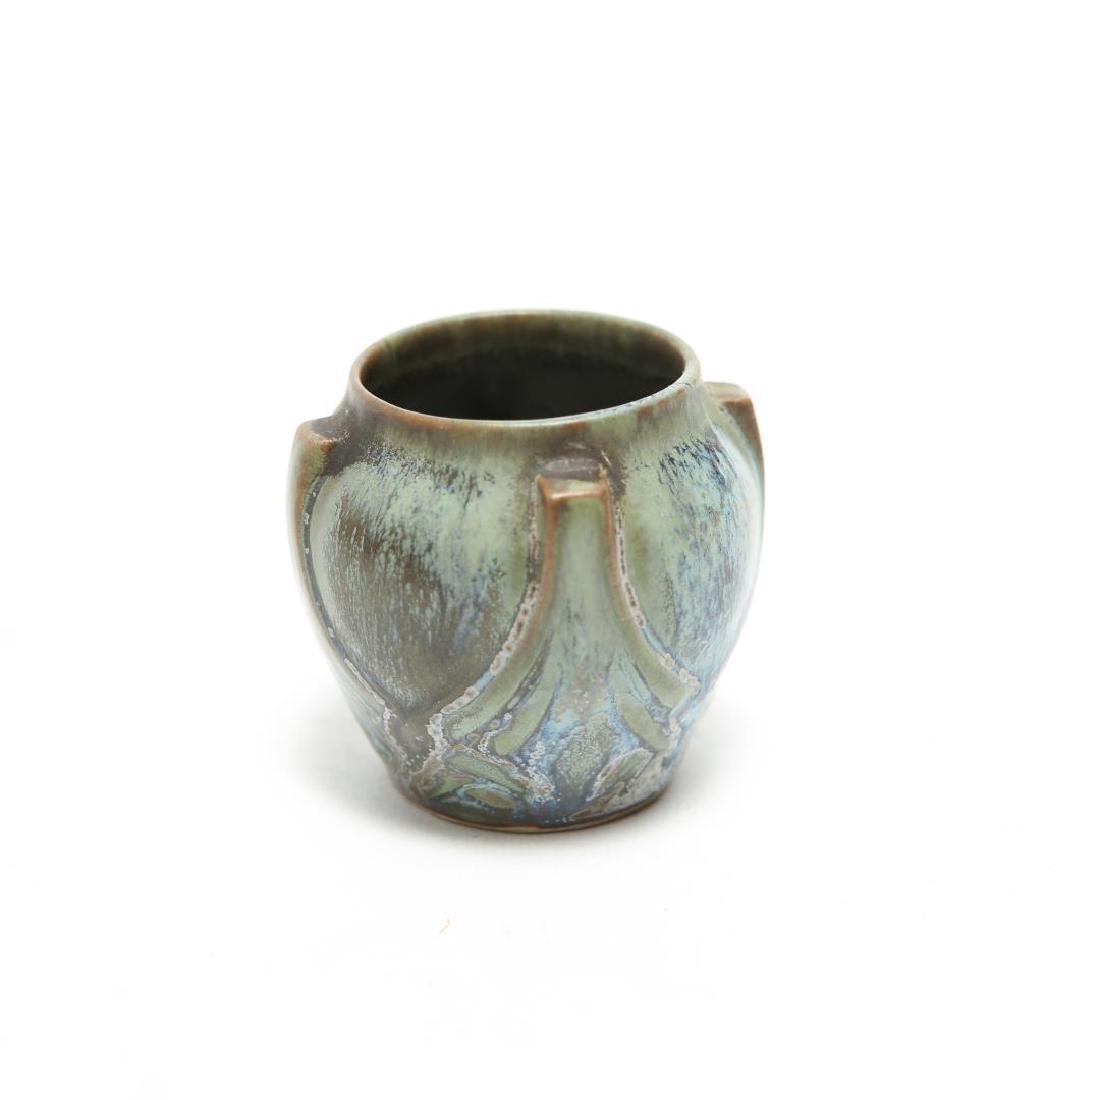 Denbac Pottery Vase, Antique French Art Nouveau